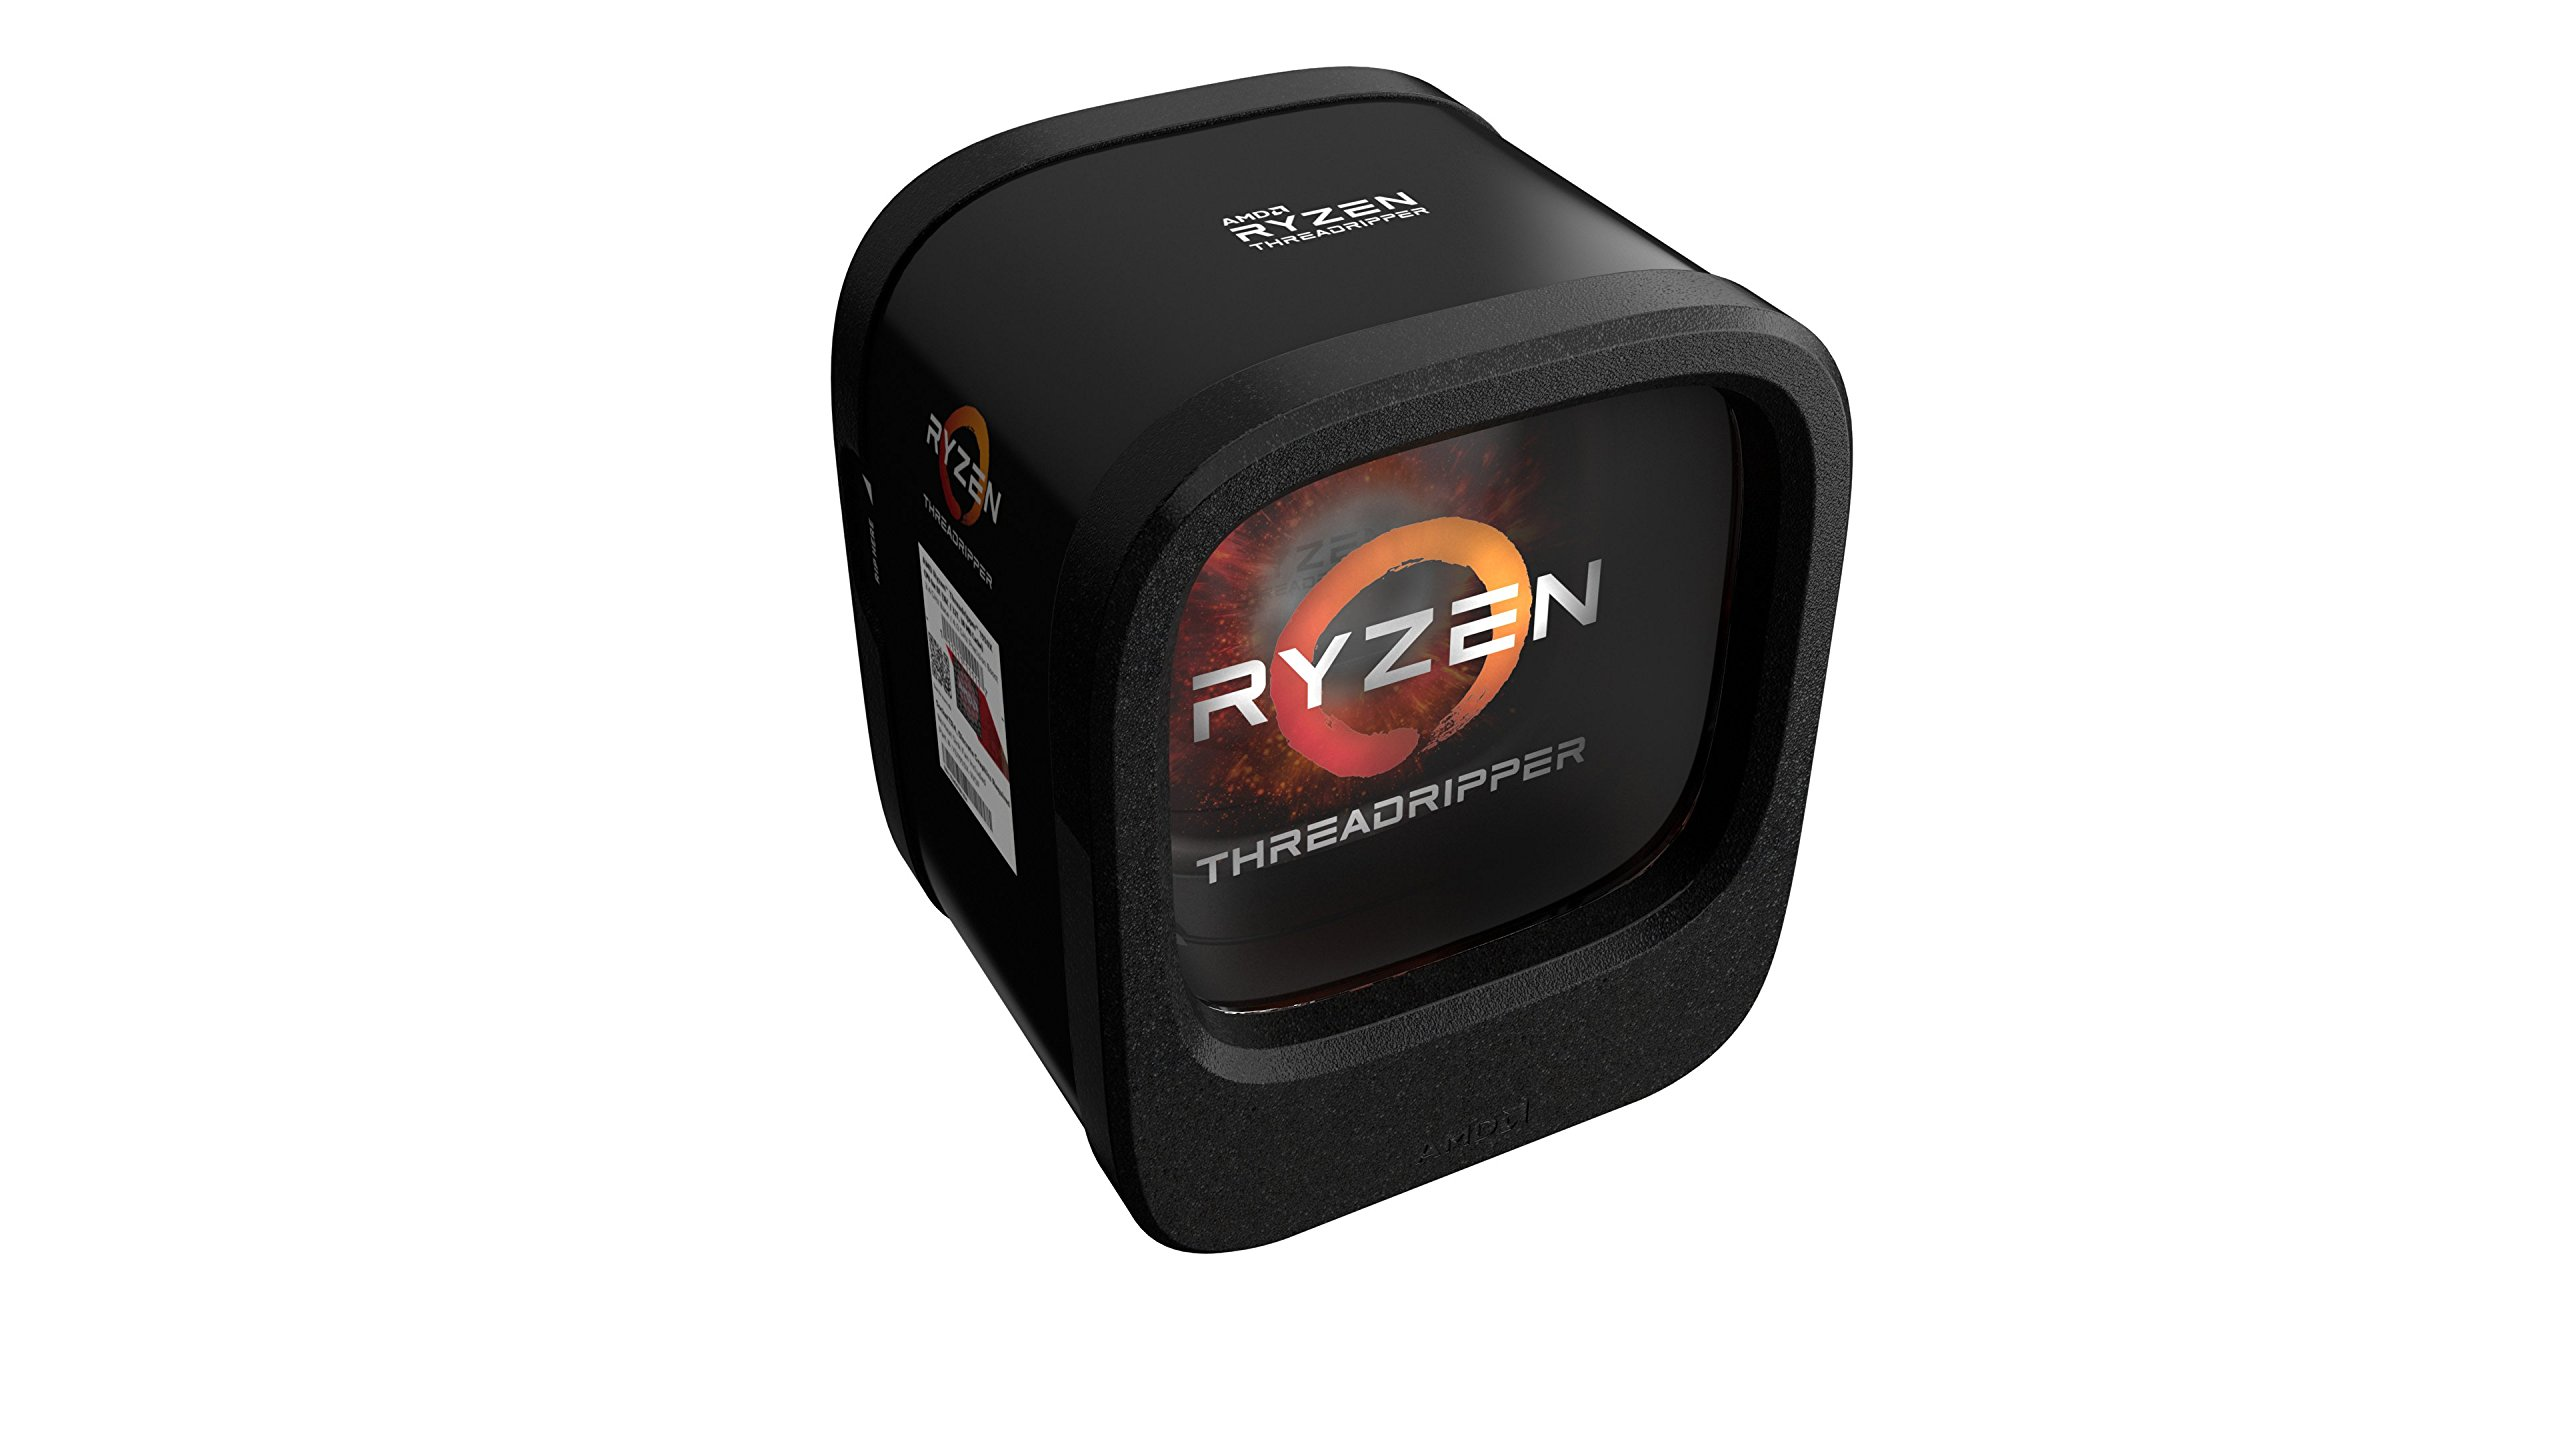 AMD Ryzen Threadripper 1900X (8-core/16-thread) Desktop Processor (YD190XA8AEWOF) by AMD